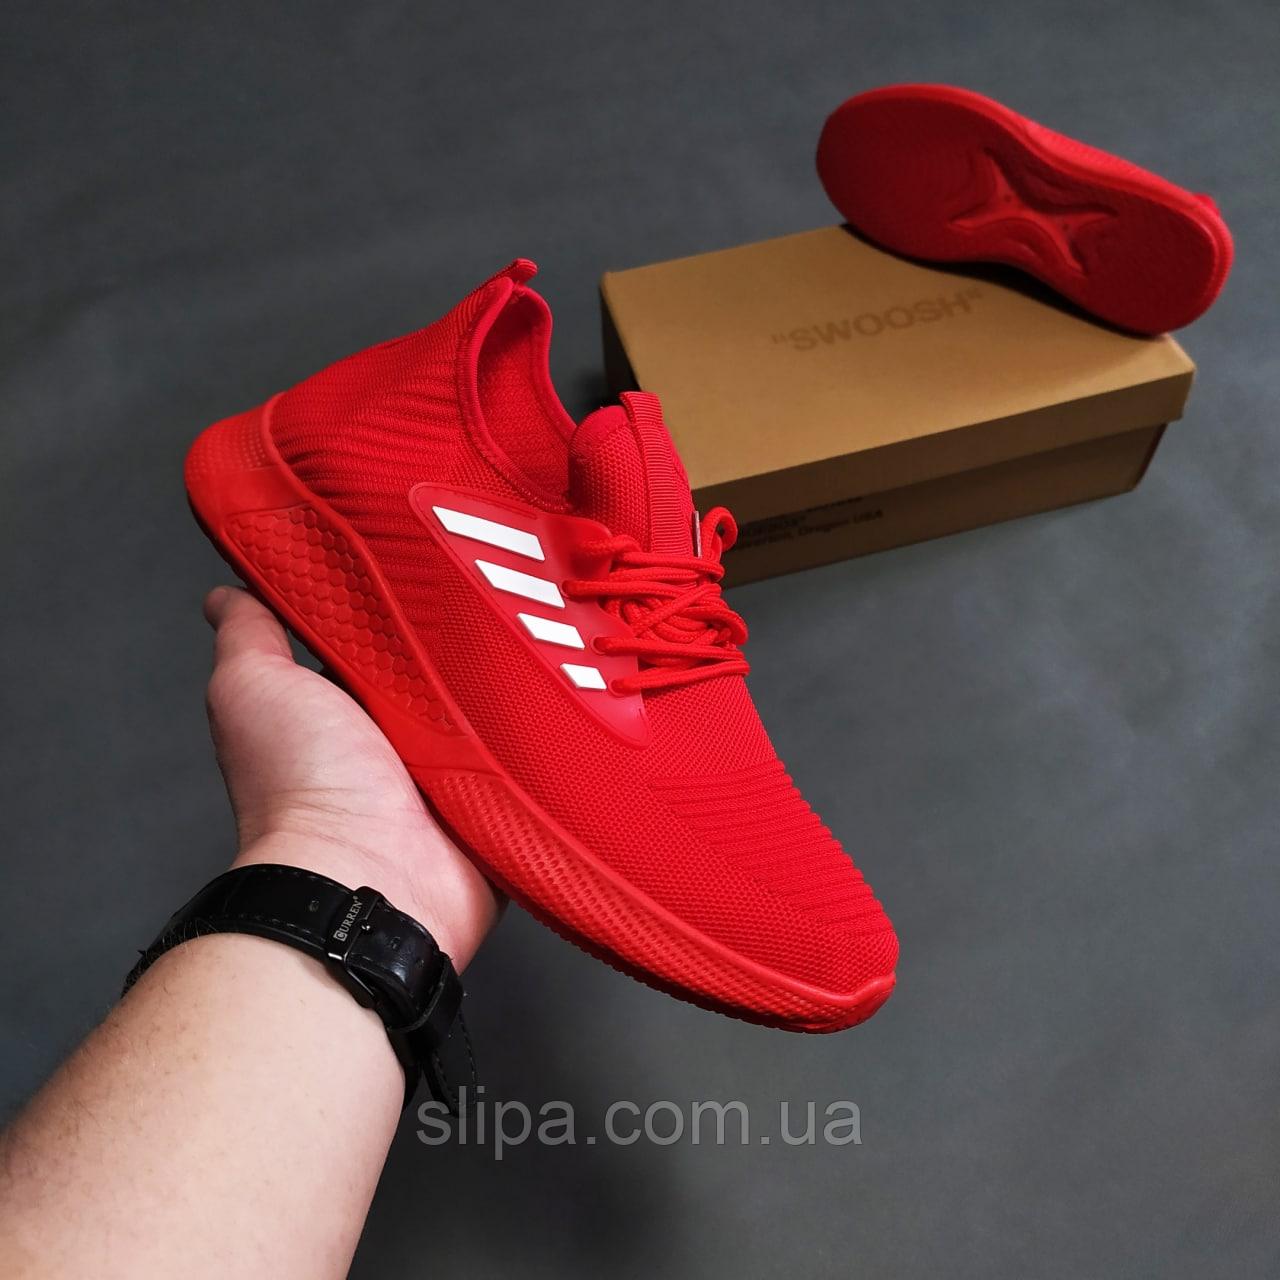 Червоні літні текстильні кросівки чоловічі